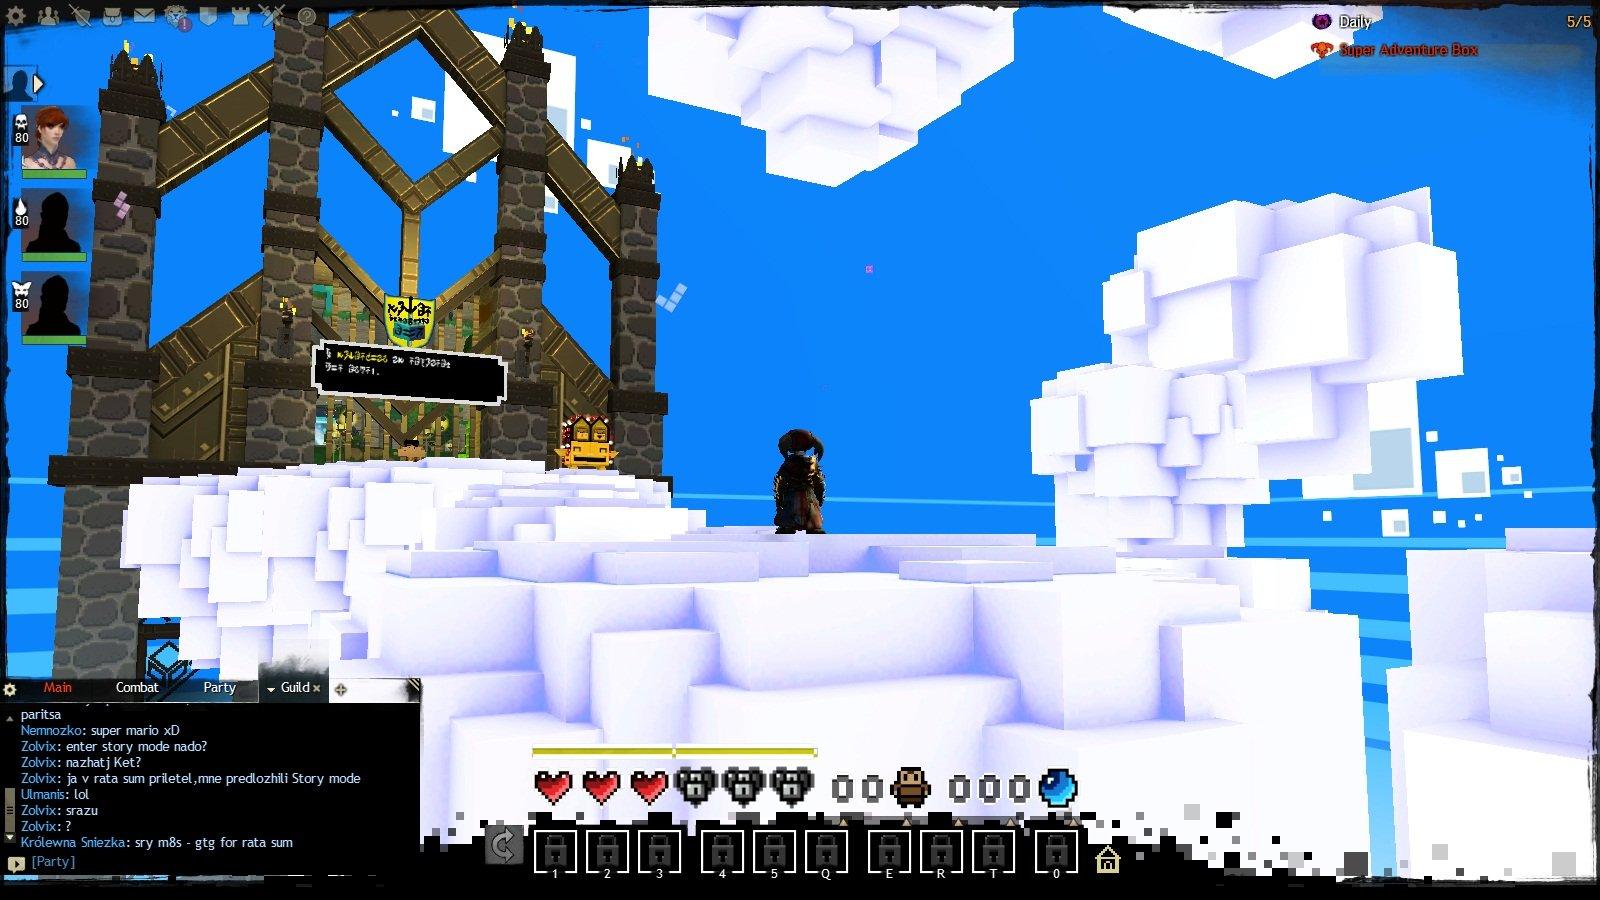 Первое апреля в Guild Wars 2. Там еще восьмибитная музыка играет на фоне <3 - Изображение 3